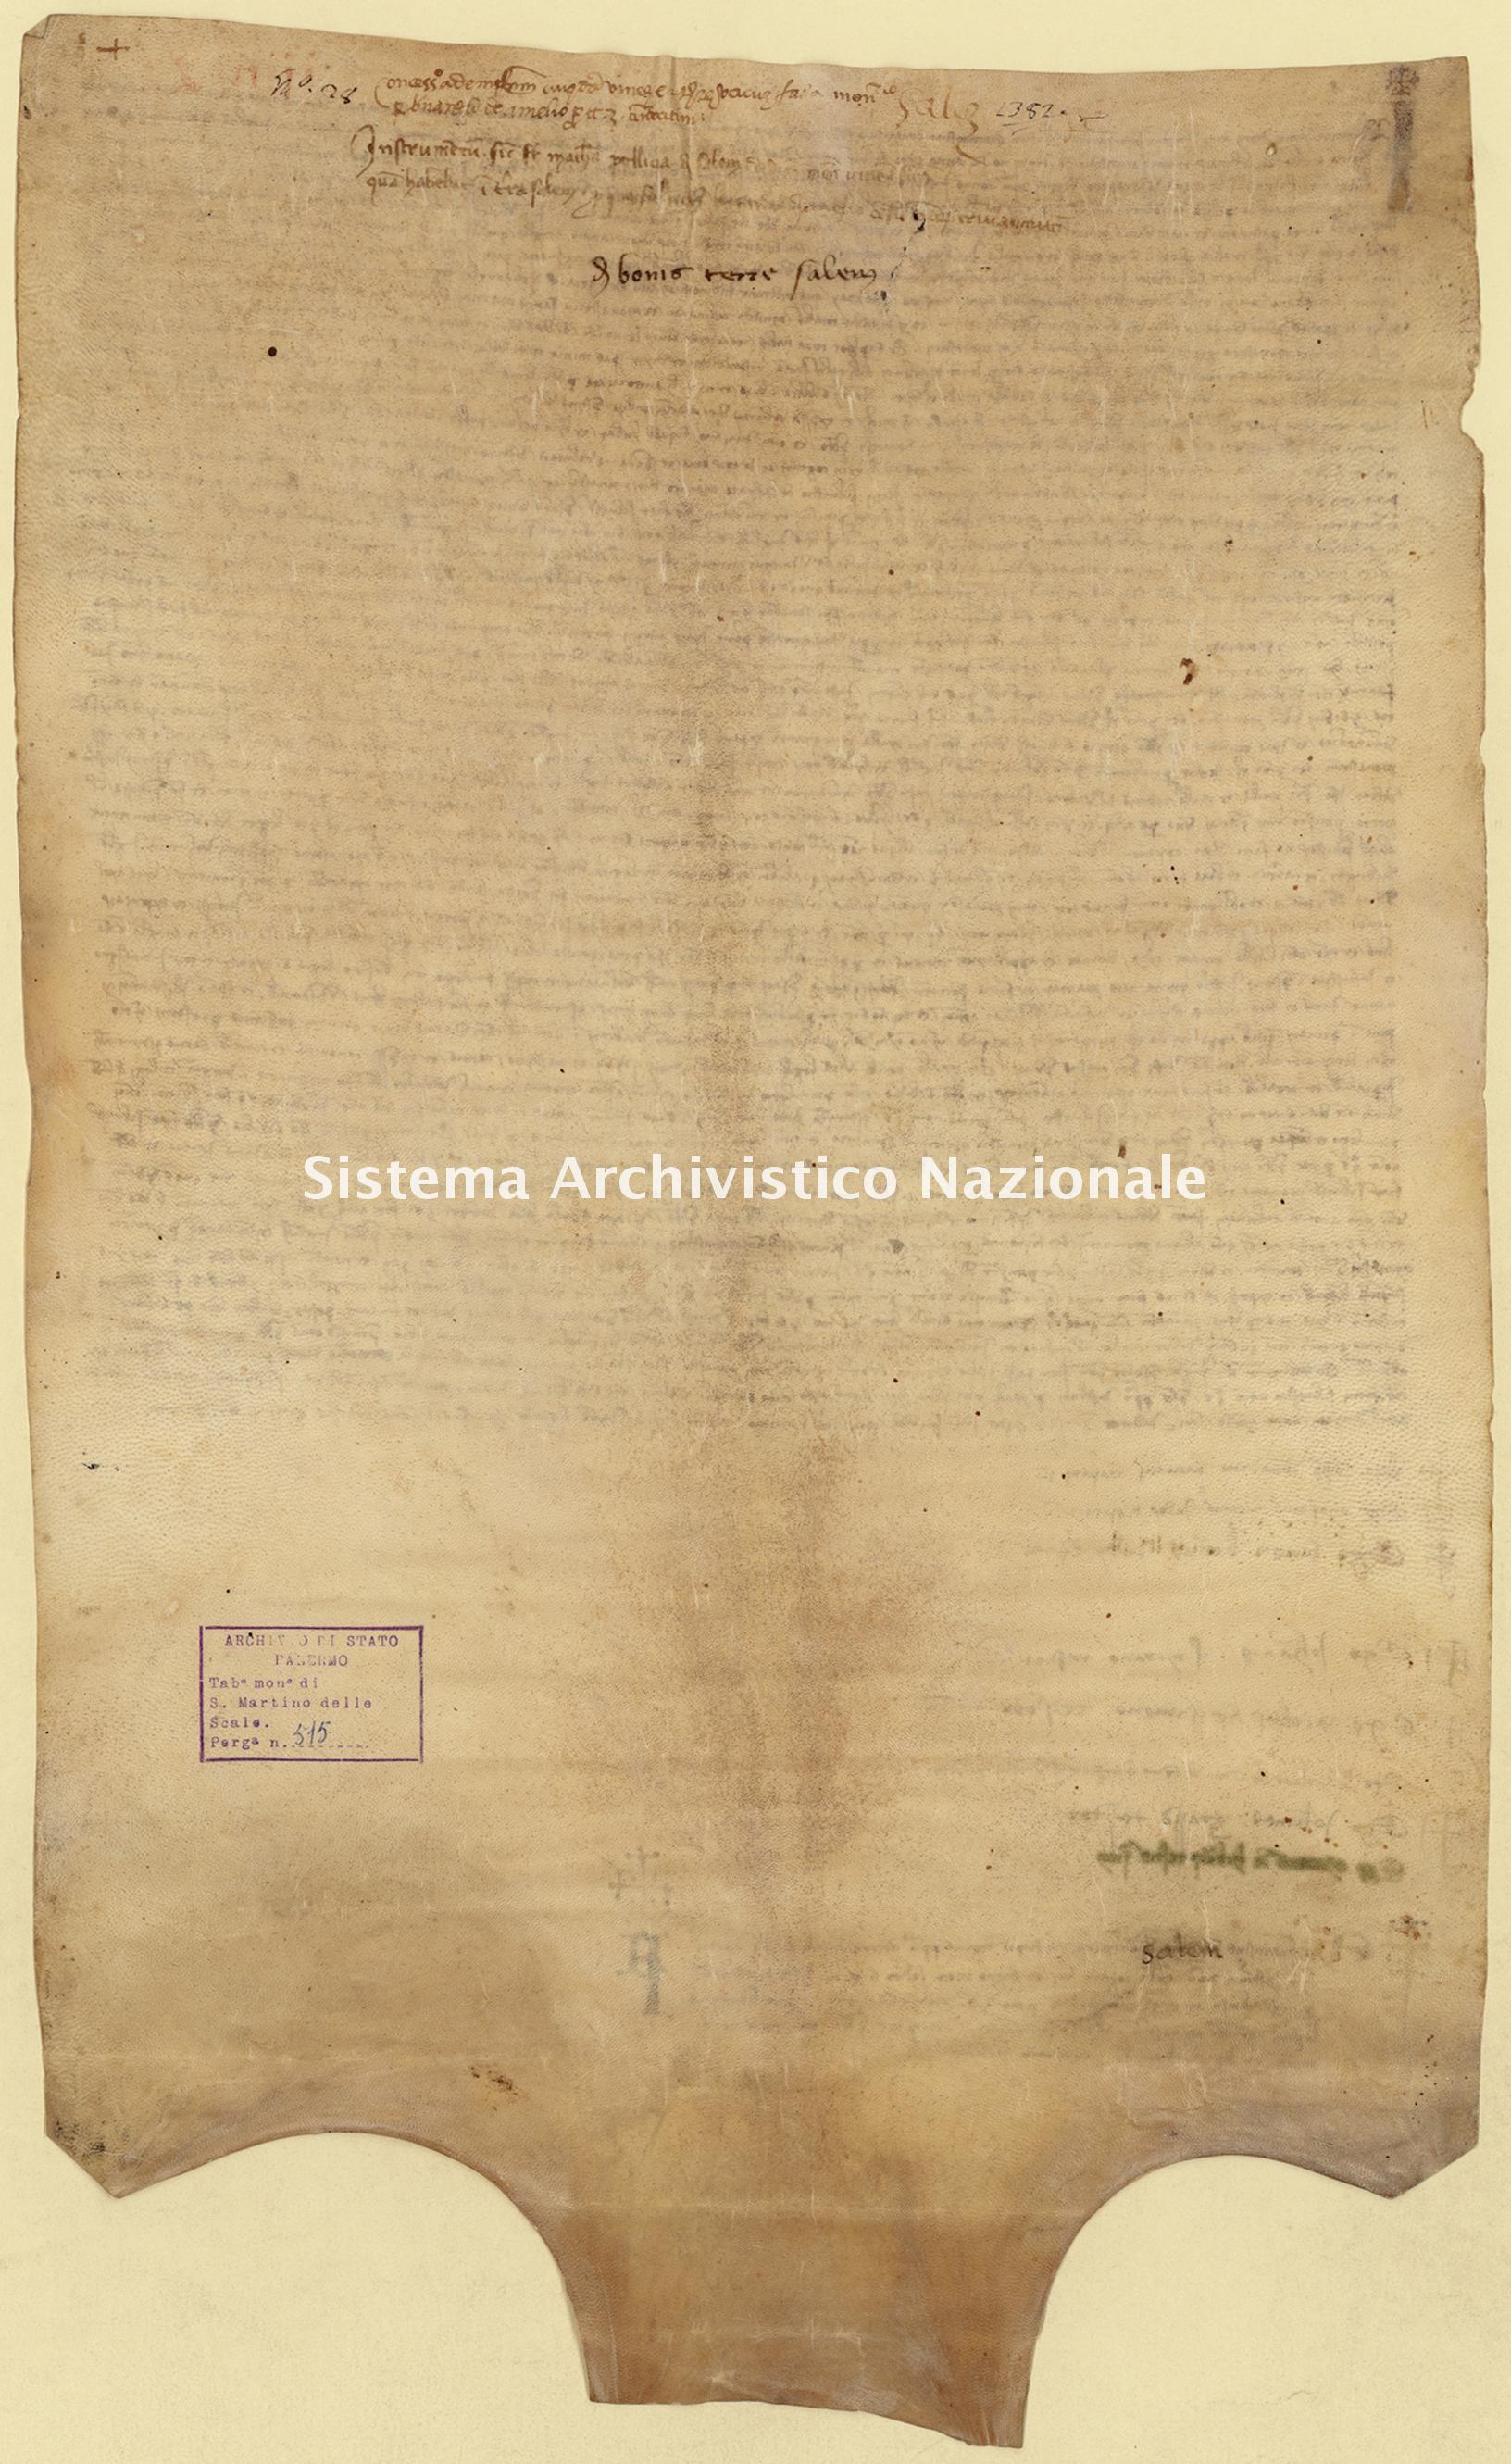 Archivio di Stato di Palermo, Diplomatico, Tabulario del monastero di San Martino delle Scale, Pergamena TSMS 0515